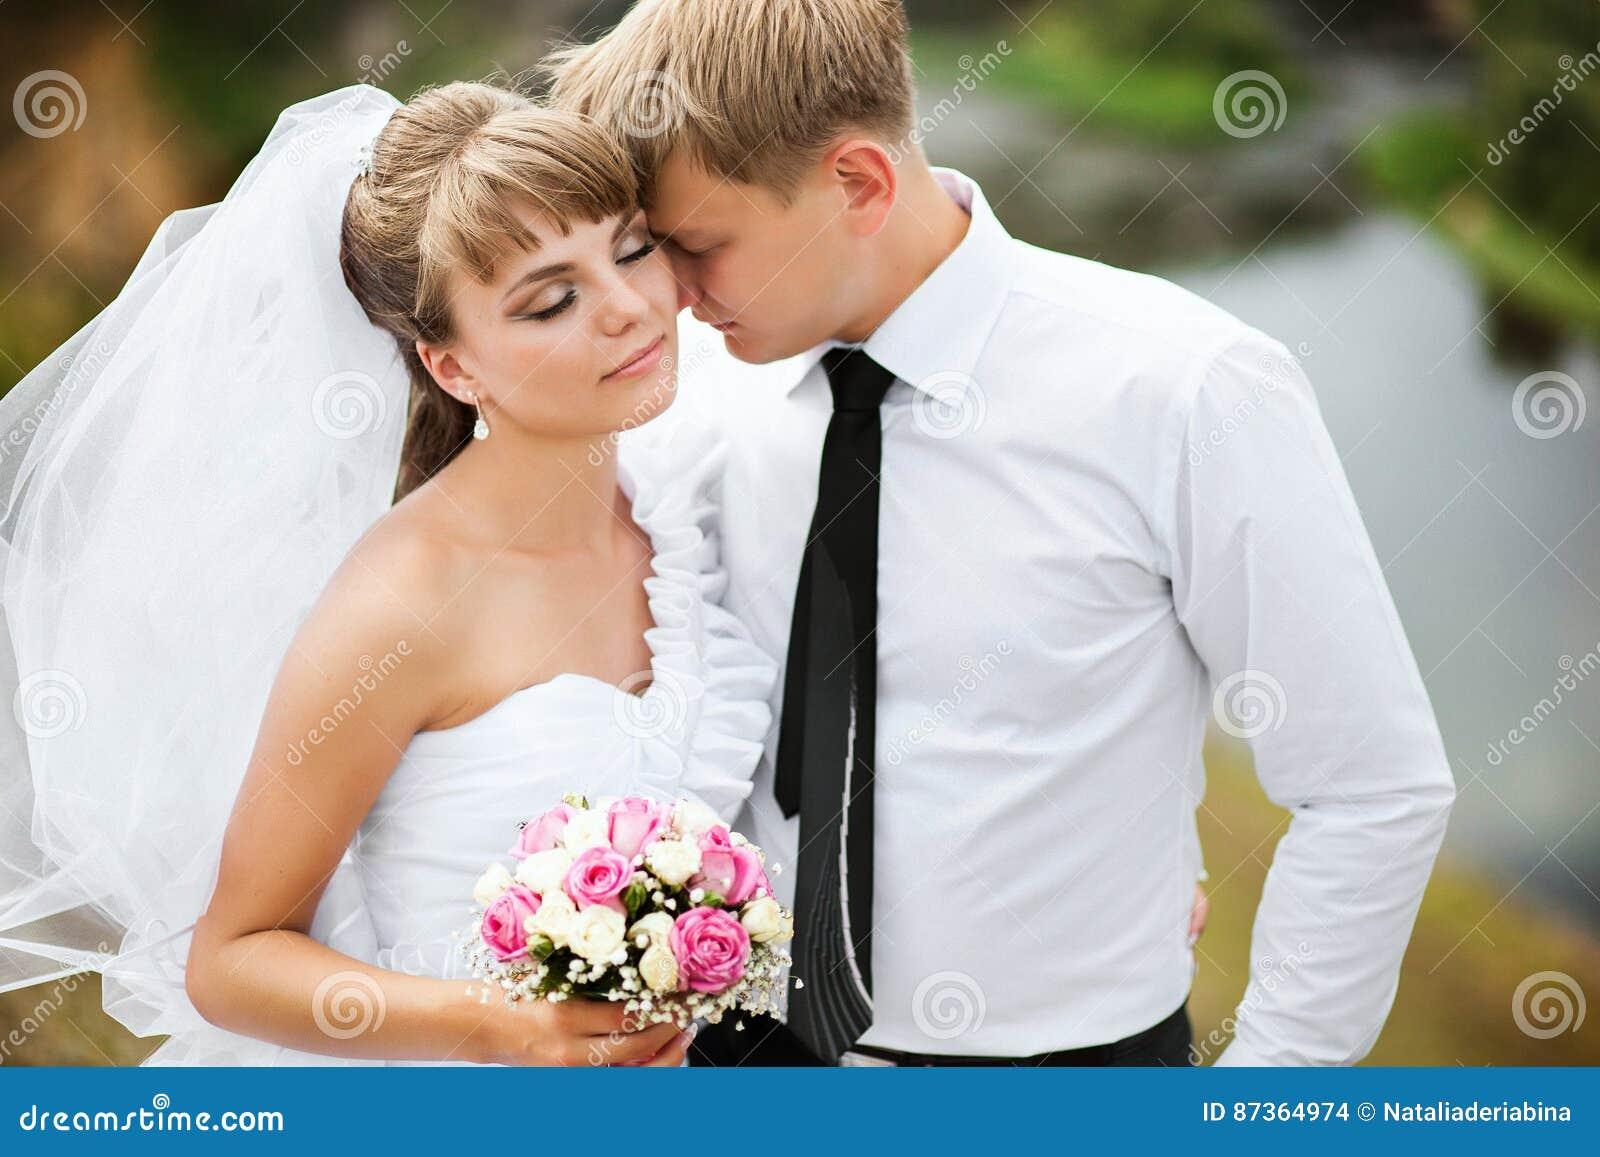 Binder Crystal Smycken För Parcravaten Bröllop Arkivfoto - Bild av ... 39a990a5cfd4a